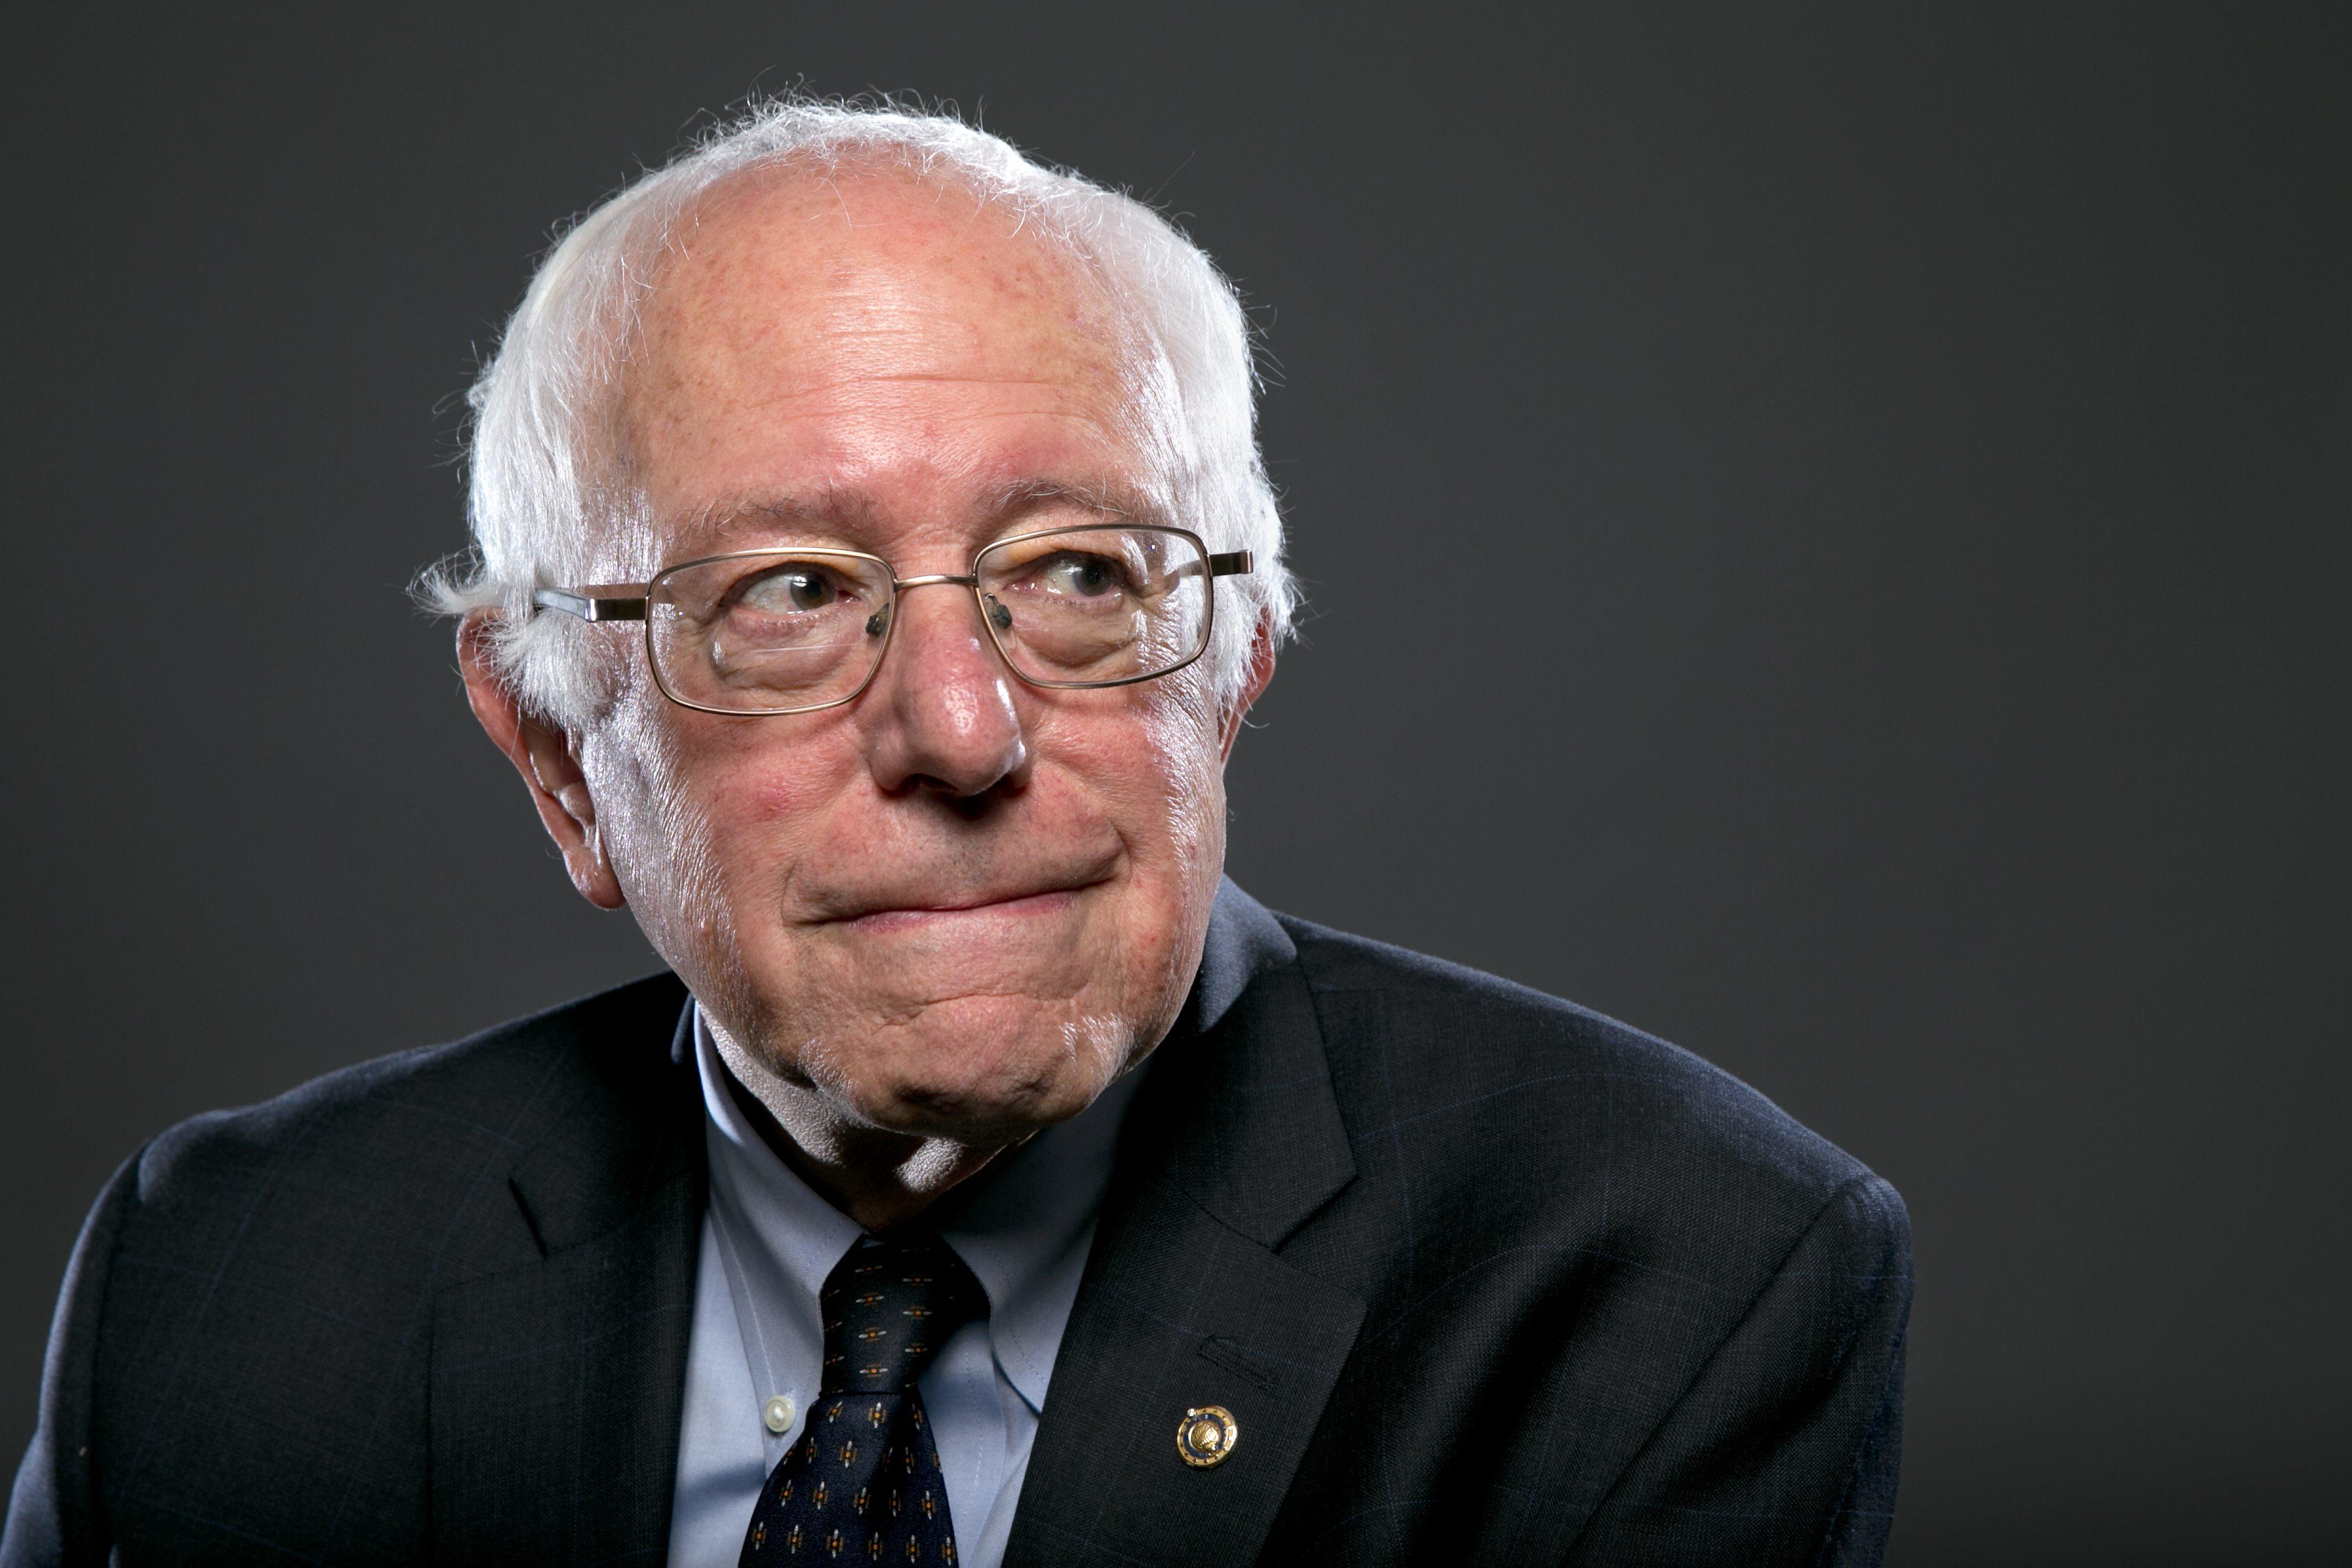 Bernie Sanders disagrees with Jesus